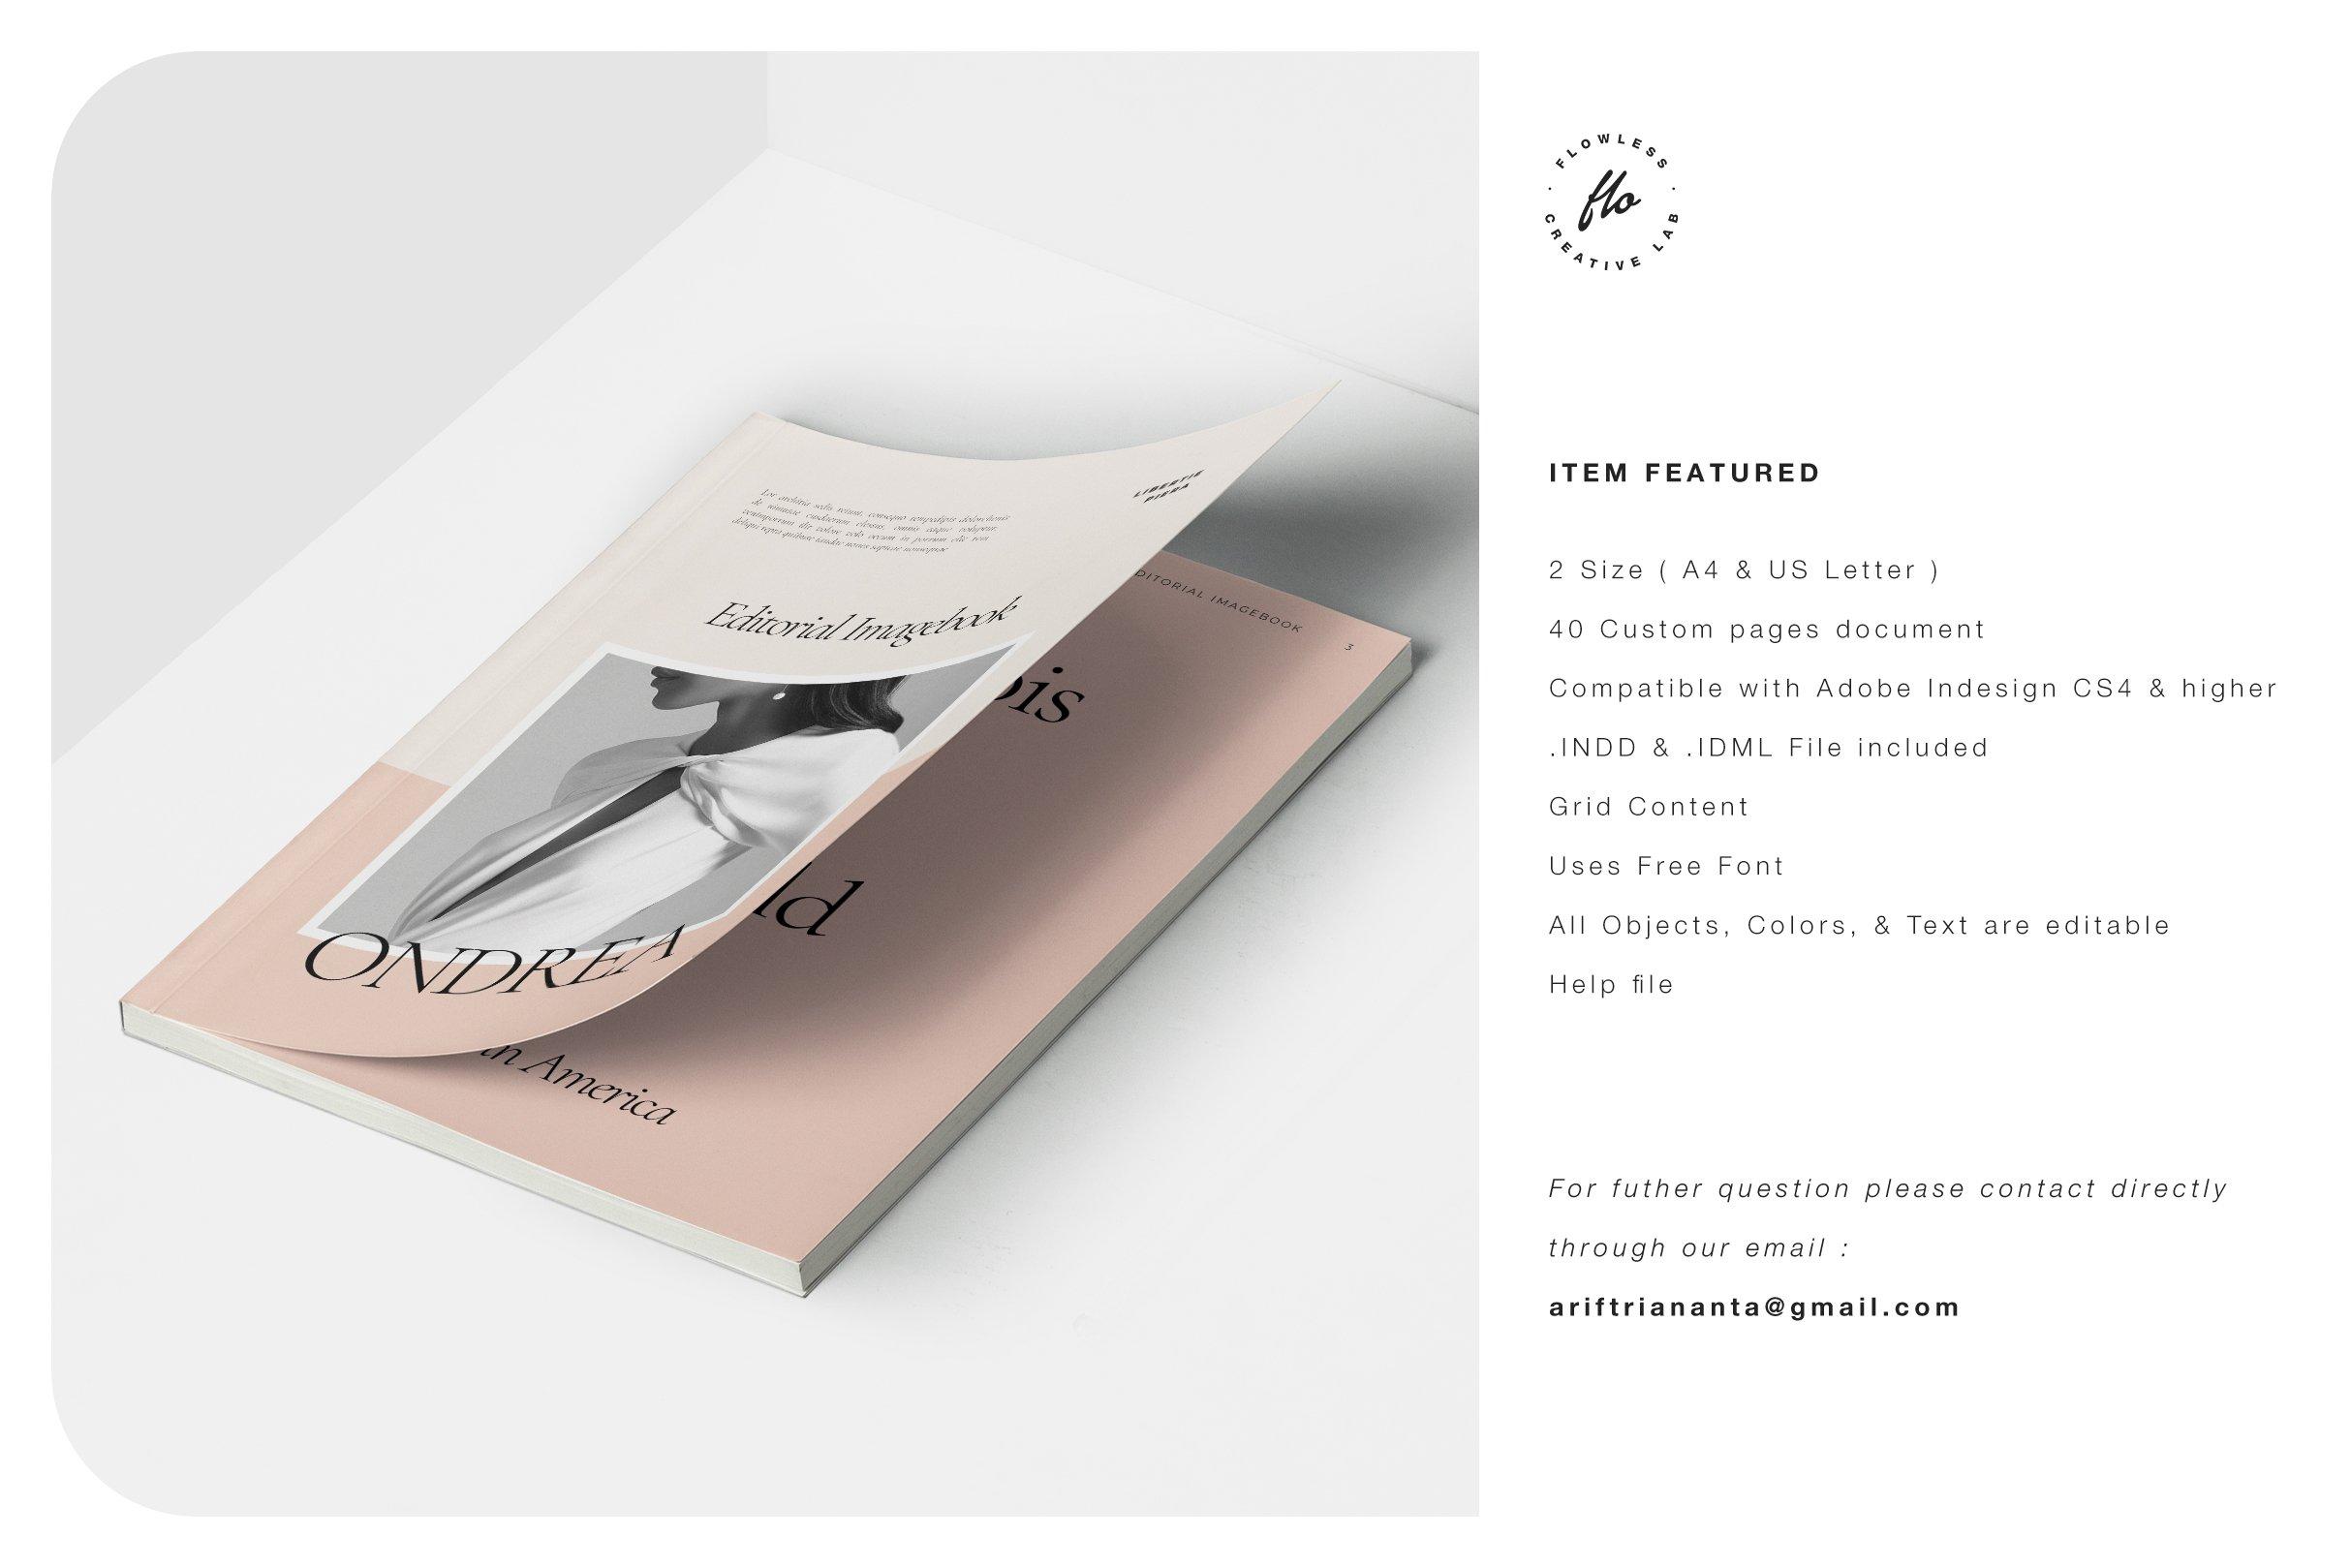 时尚服装设计作品集INDD画册模板 ONDREA Editorial Imagebook插图(5)